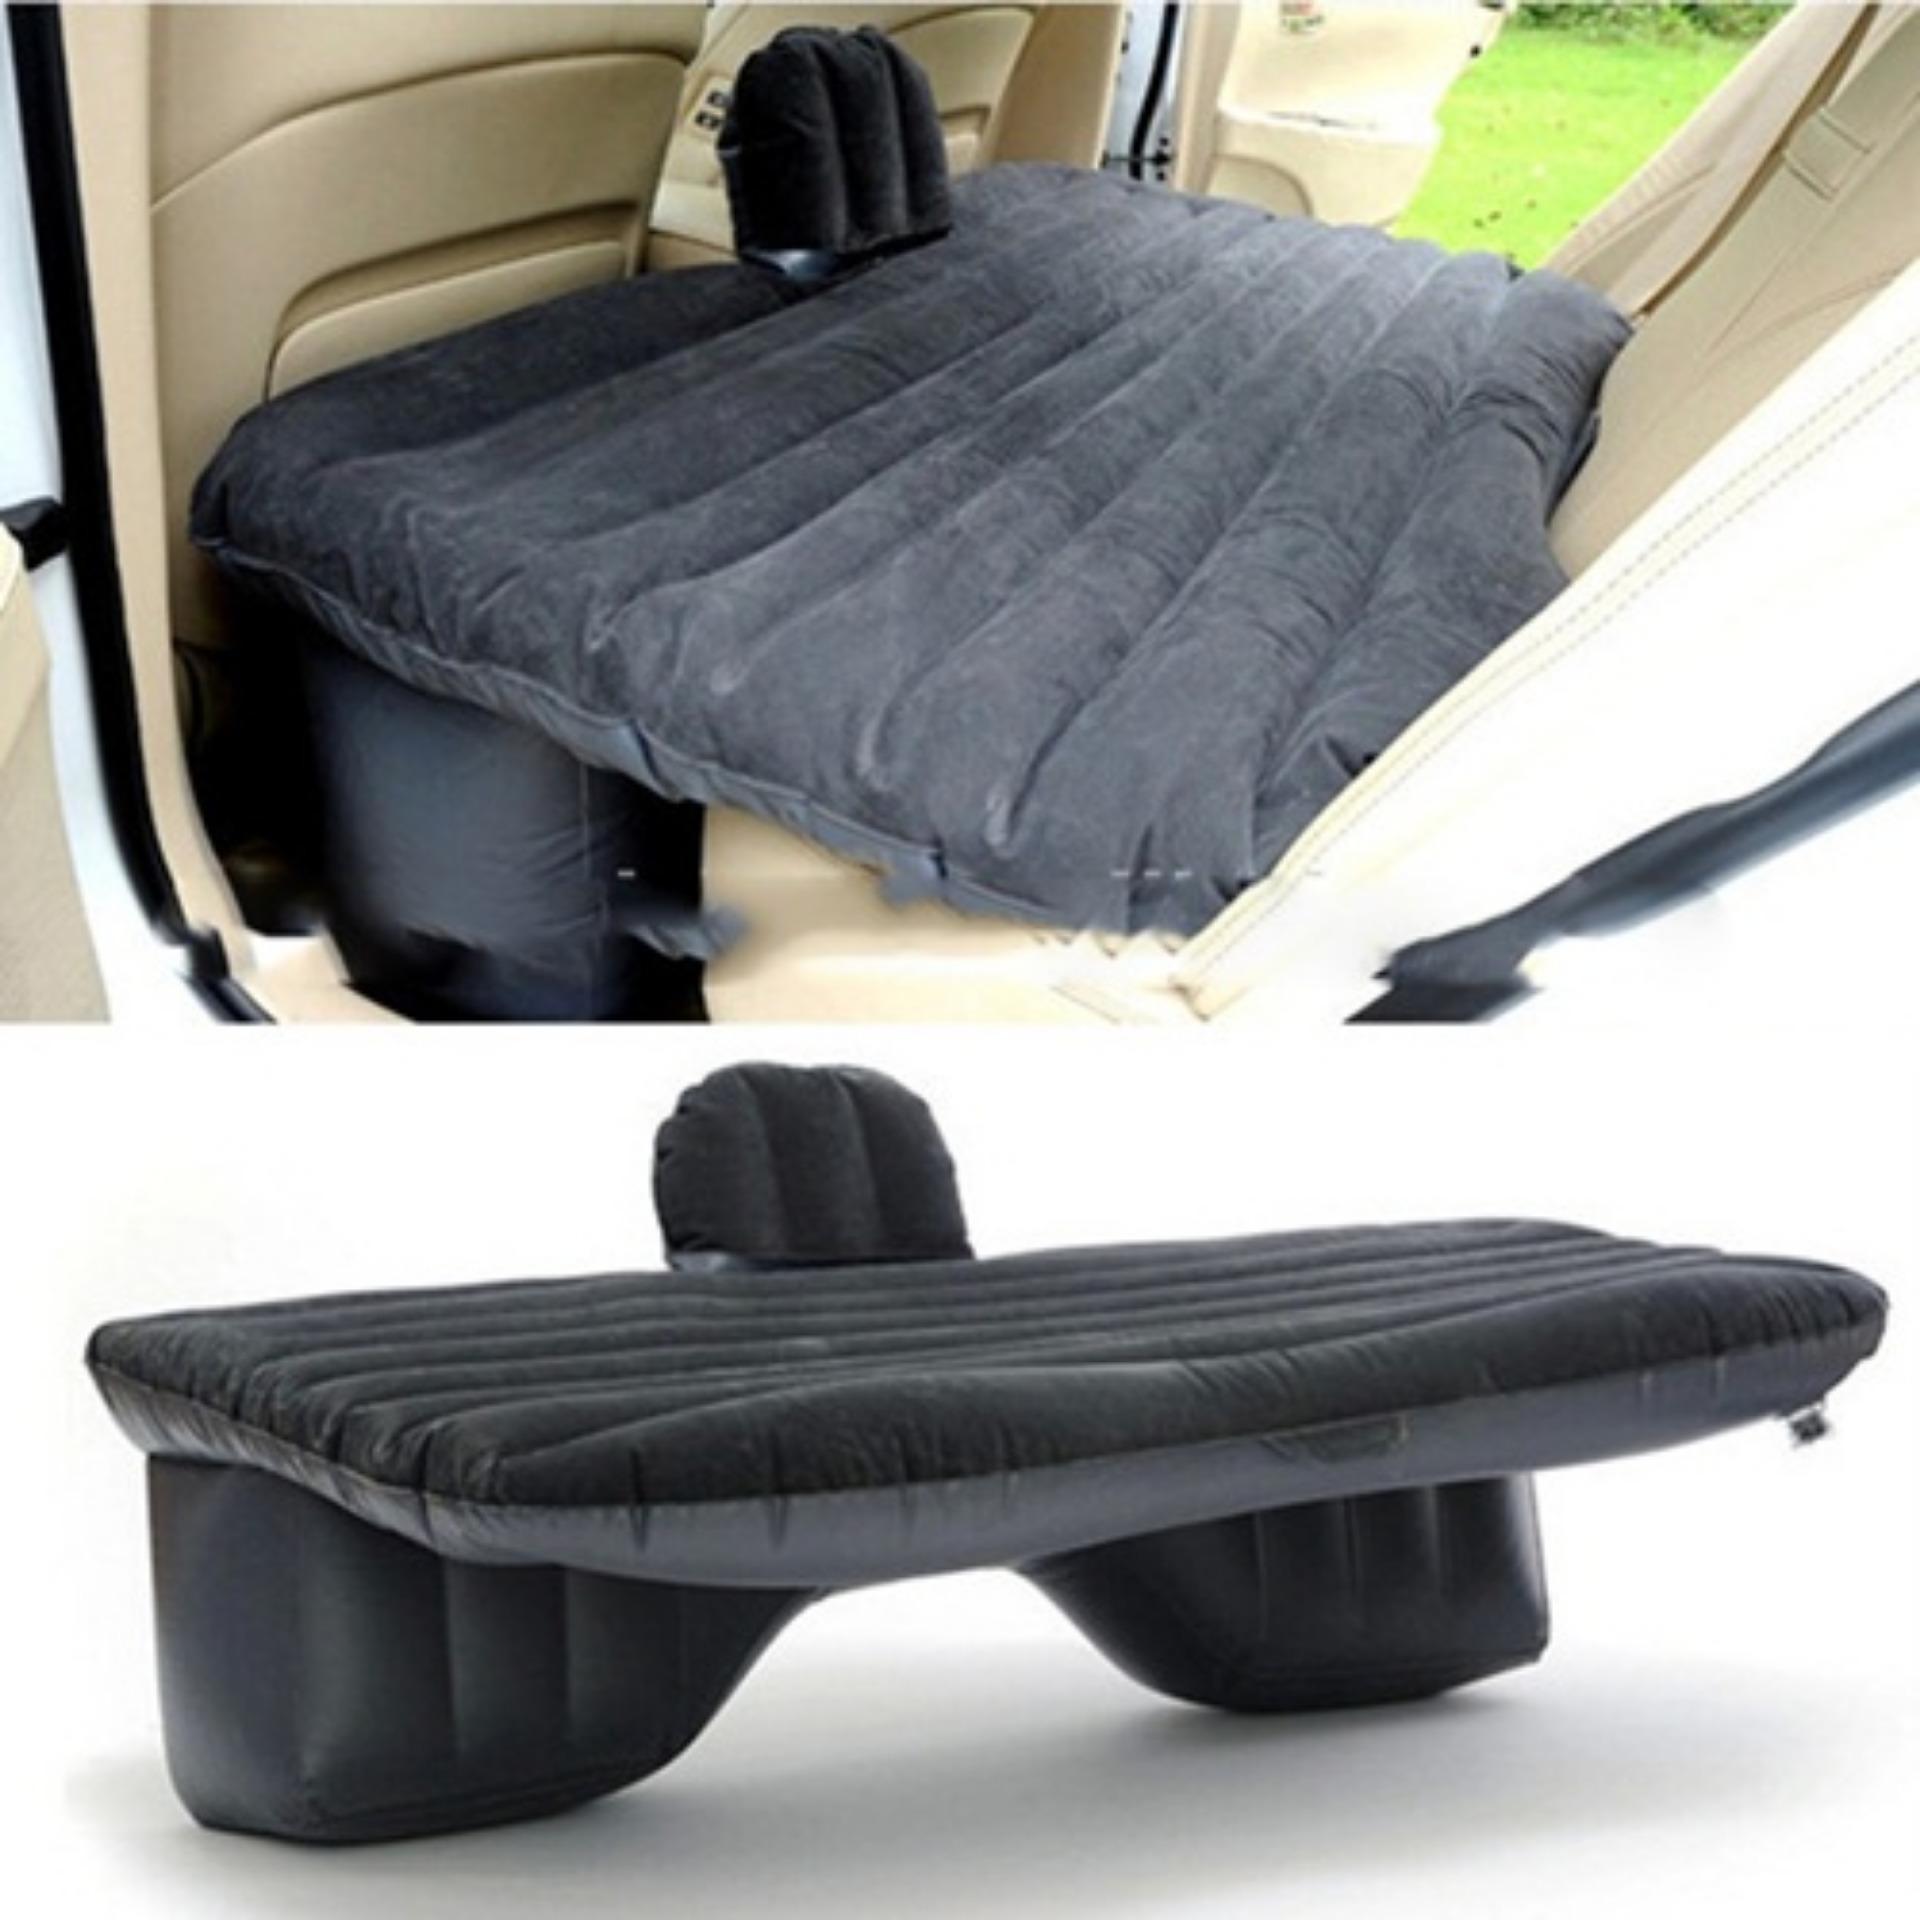 Kasur Matras Angin Mobil untuk Travel Inflatable Smart Car Bed - Black